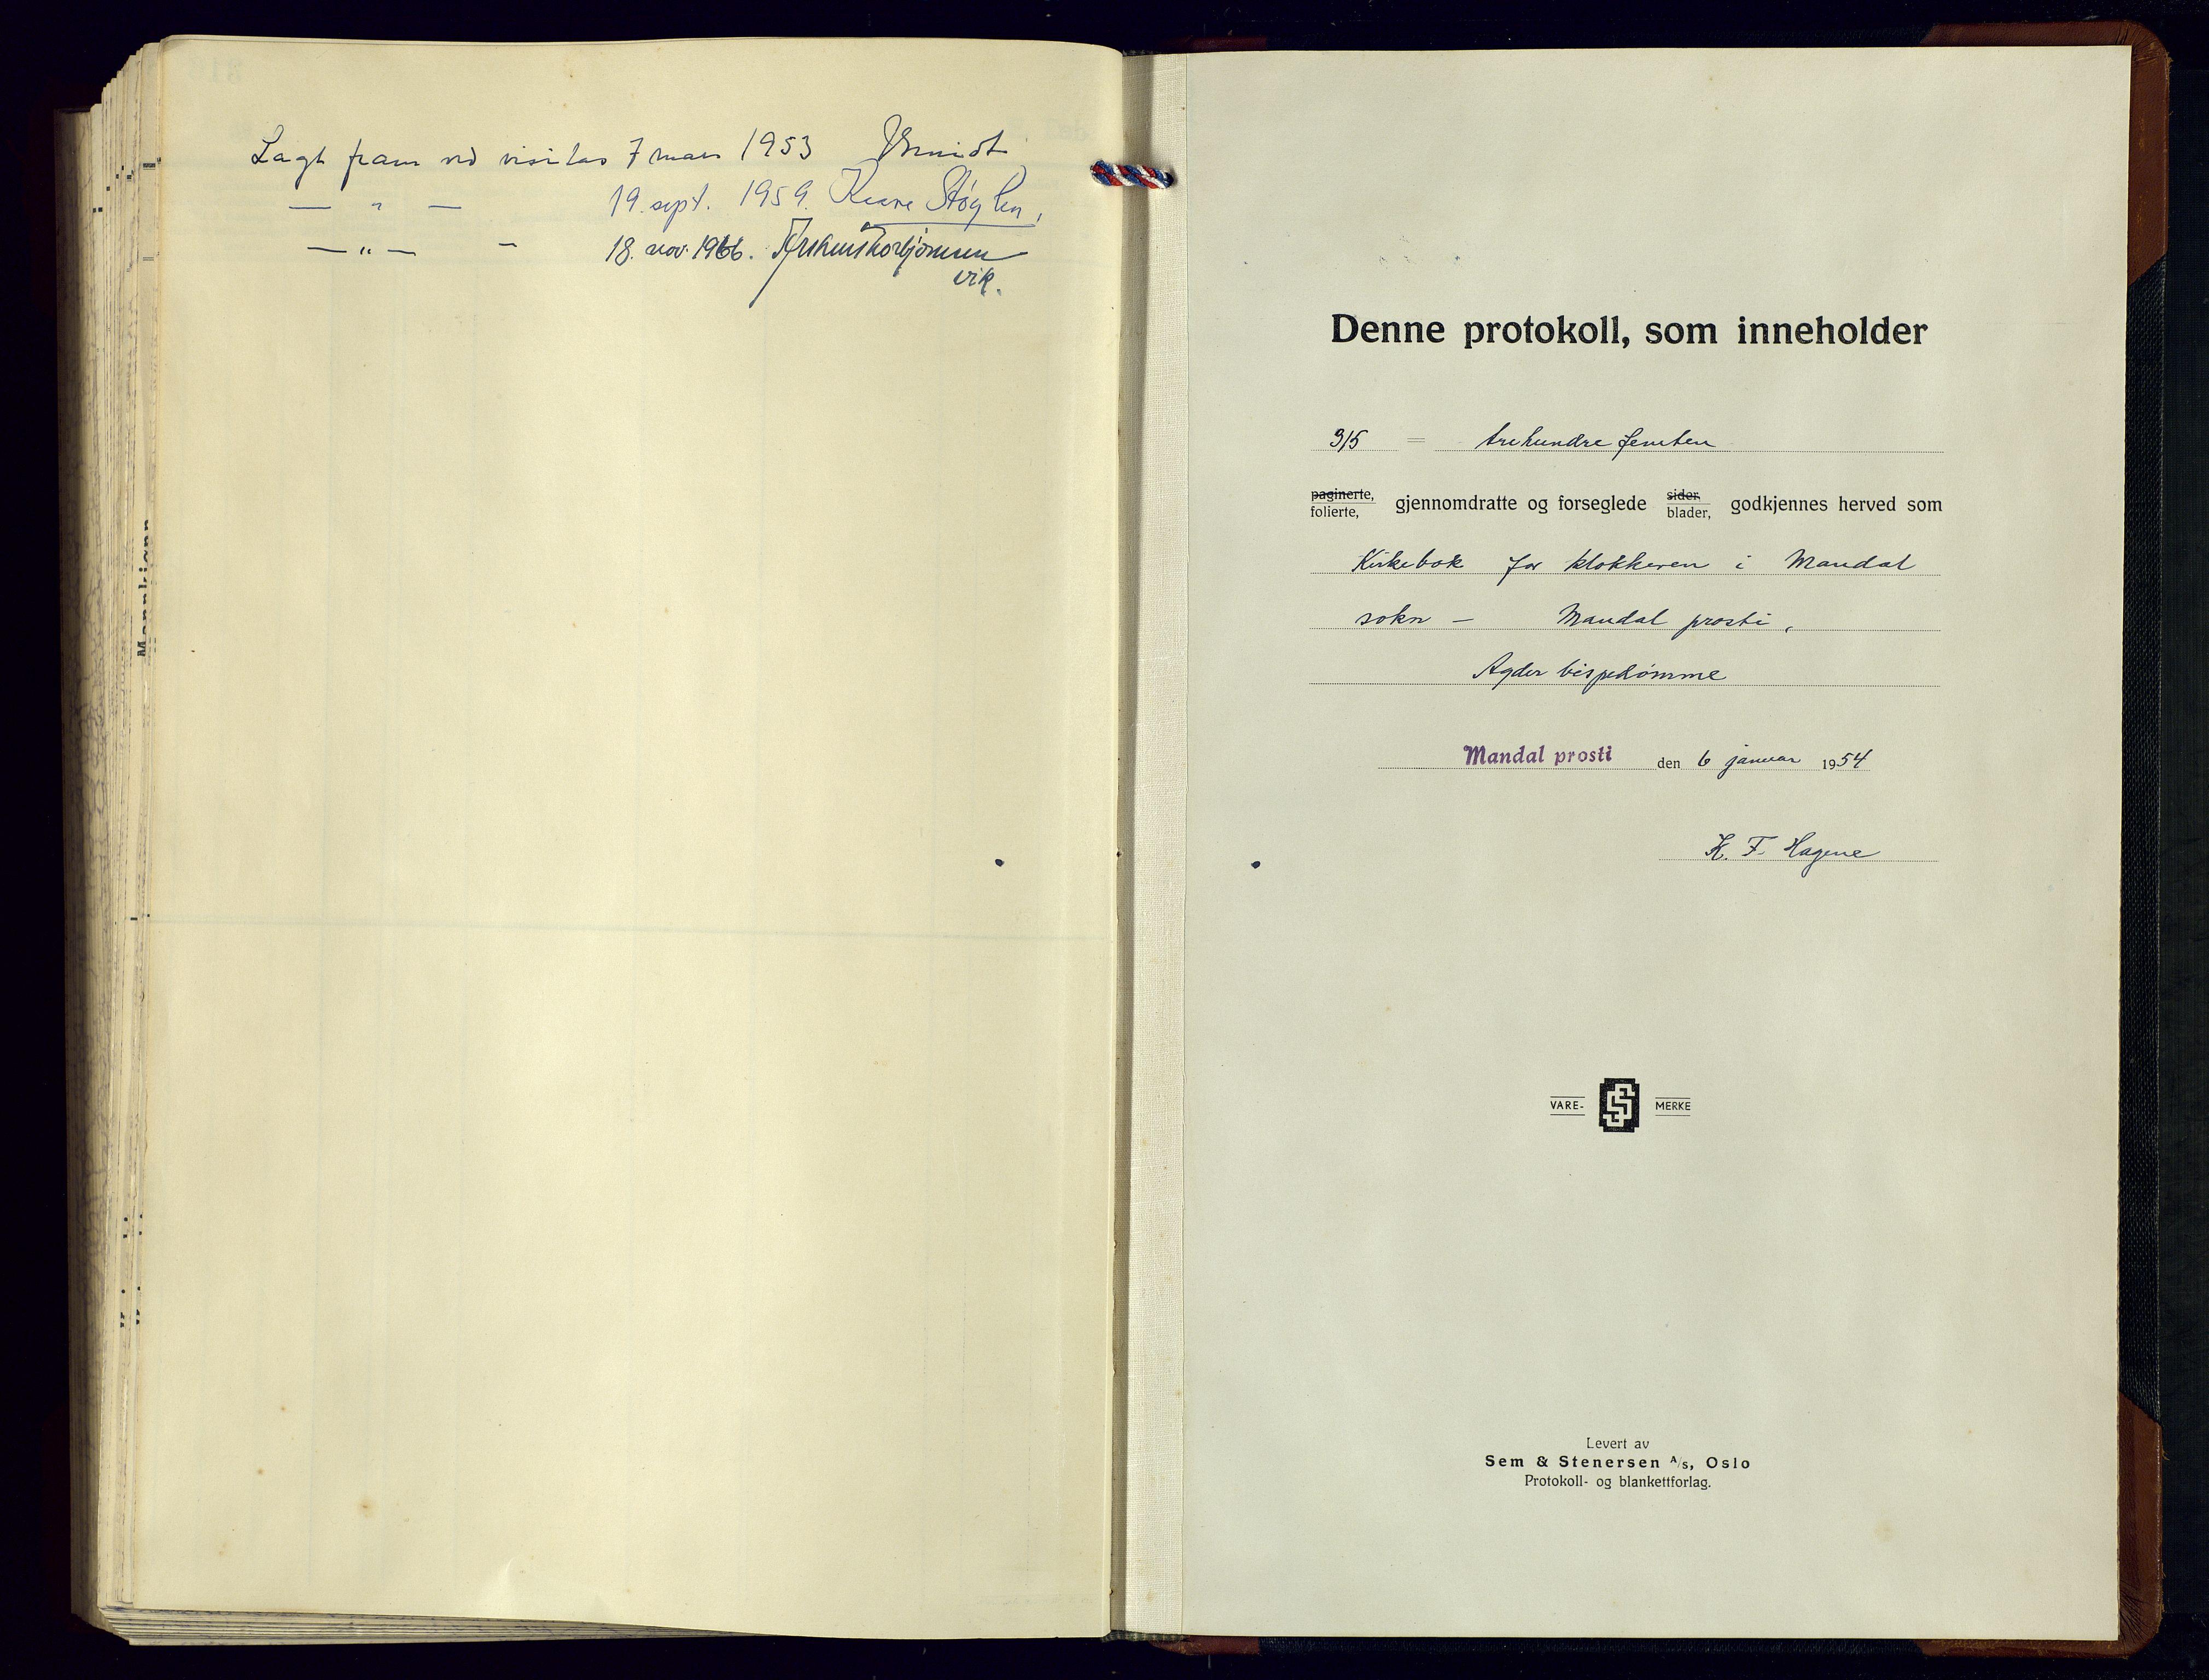 SAK, Mandal sokneprestkontor, F/Fb/Fbc/L0003: Klokkerbok nr. B 3, 1948-1961, s. upaginert